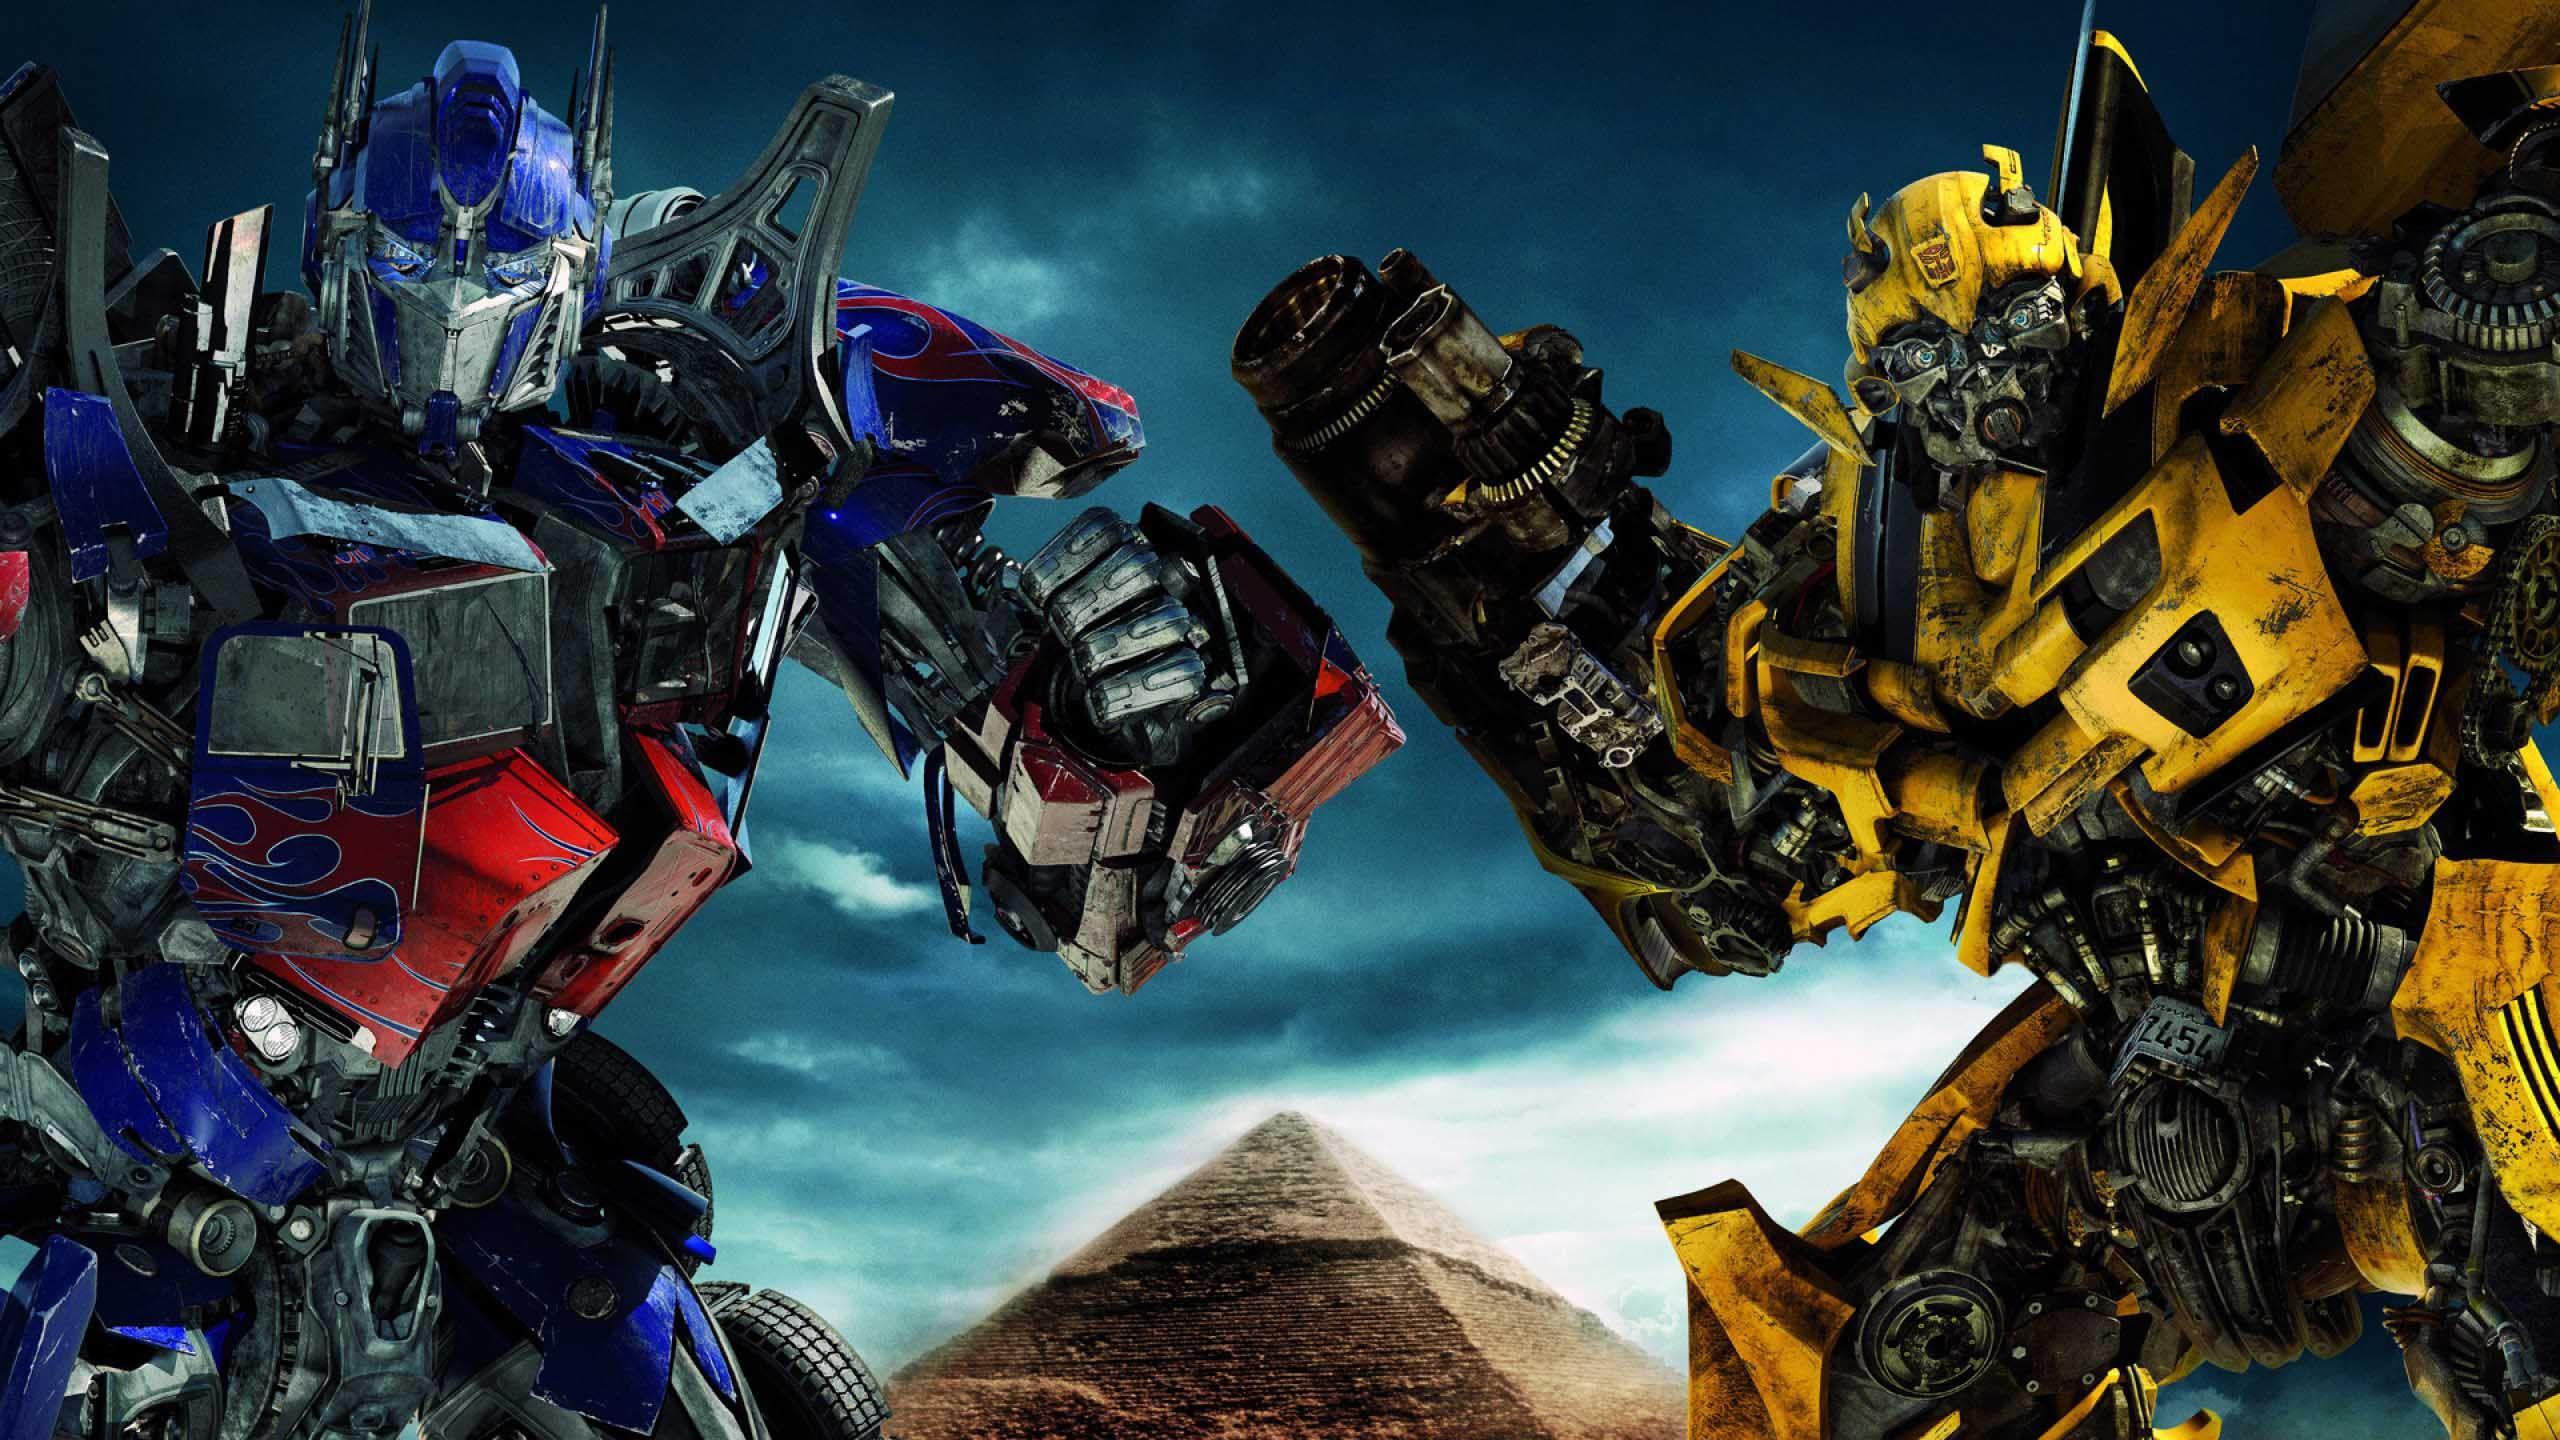 Optimus Prime Face Wallpaper Wallpaper In 2019